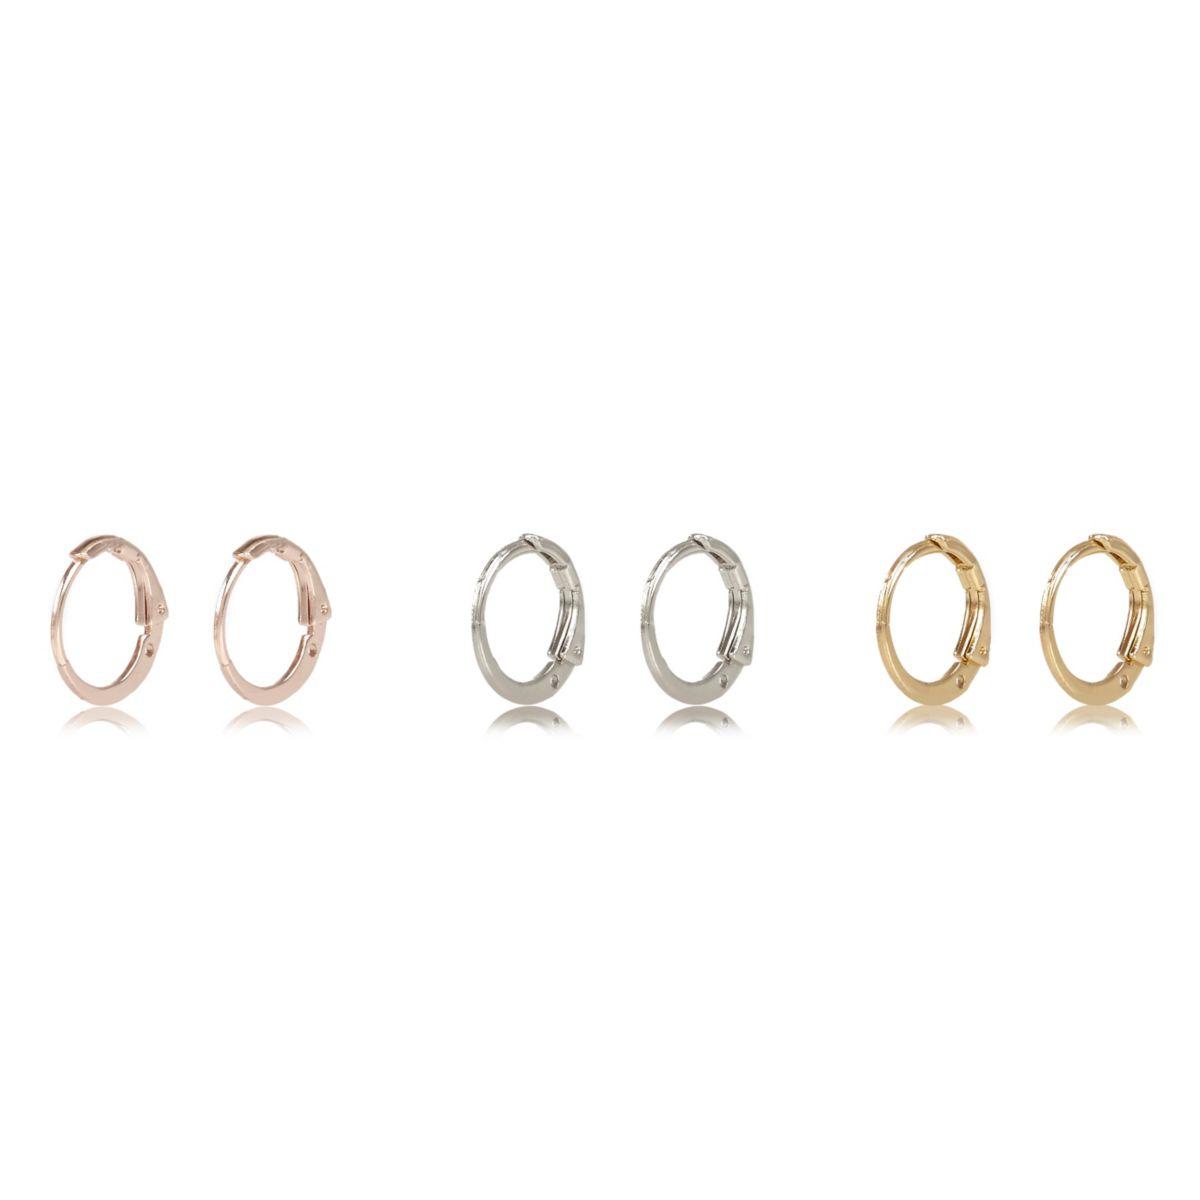 Rose gold tone hoop earrings pack